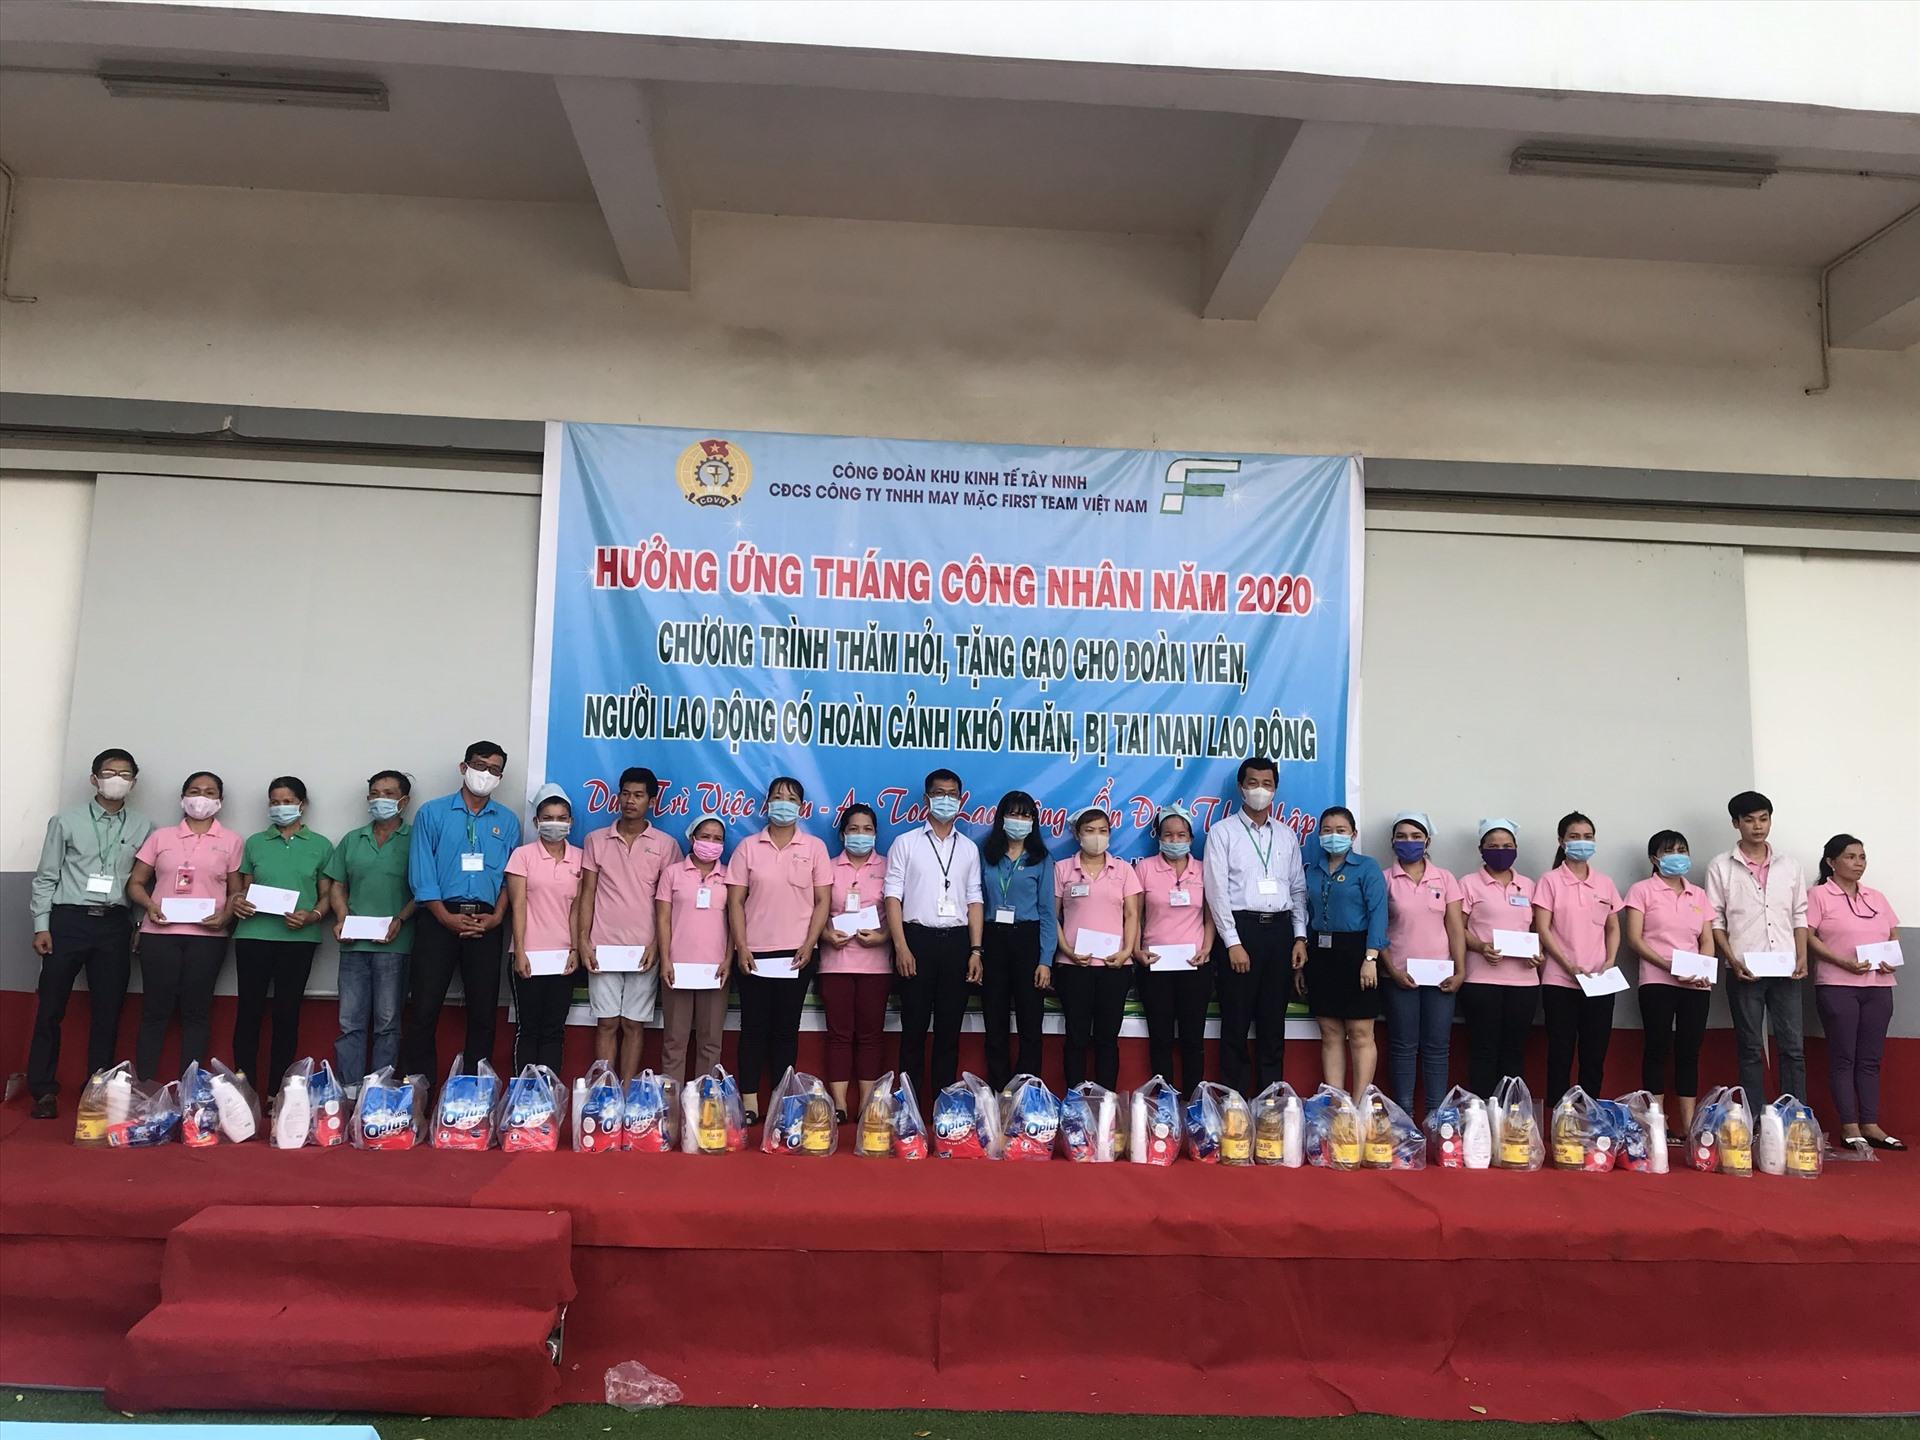 Công đoàn cơ sở công ty TNHH may mặc First Team Việt Nam trao tặng quà cho CNLĐ.